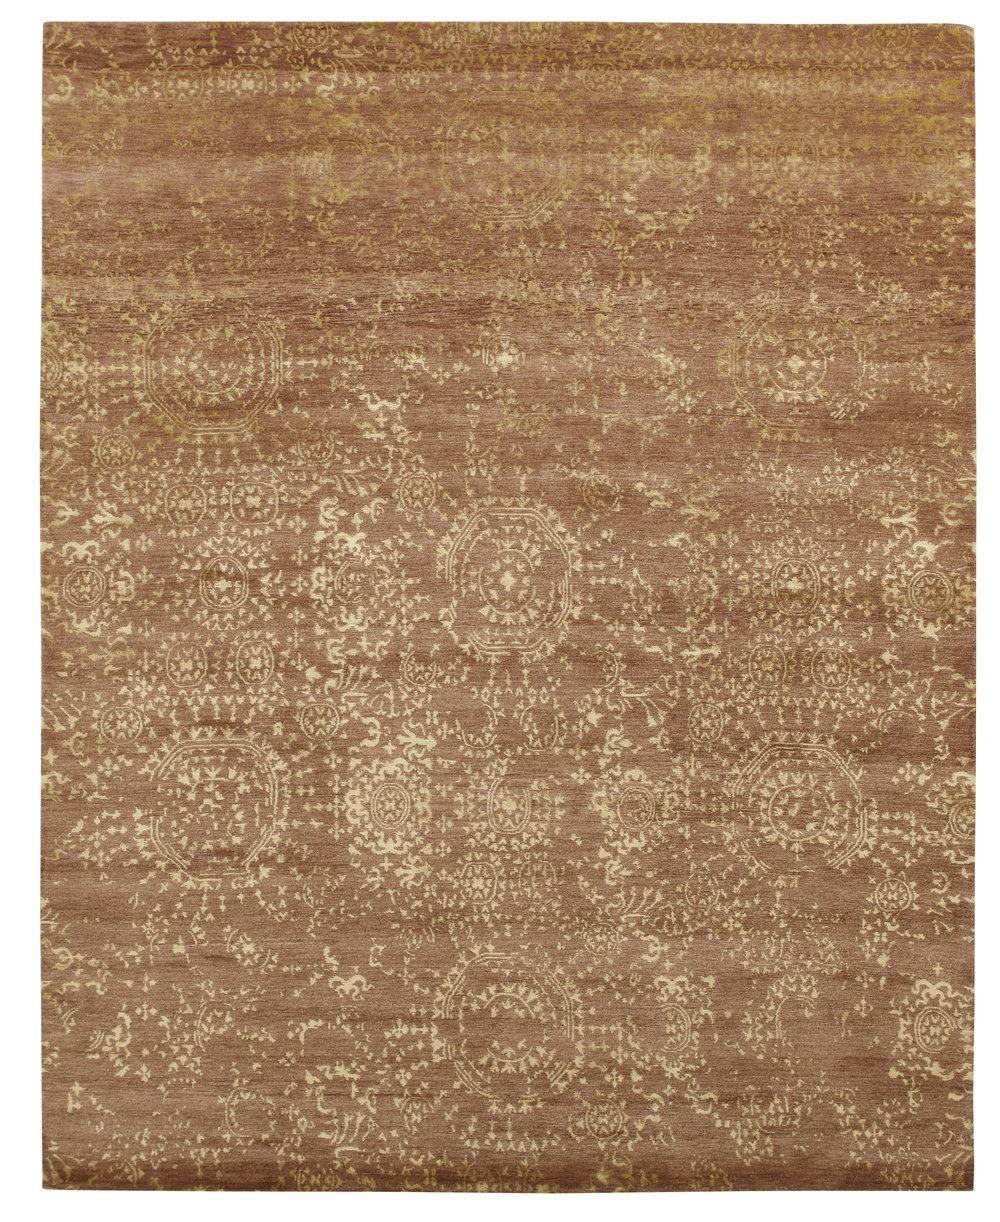 Mamluk-Mocha(8' x 10').jpg